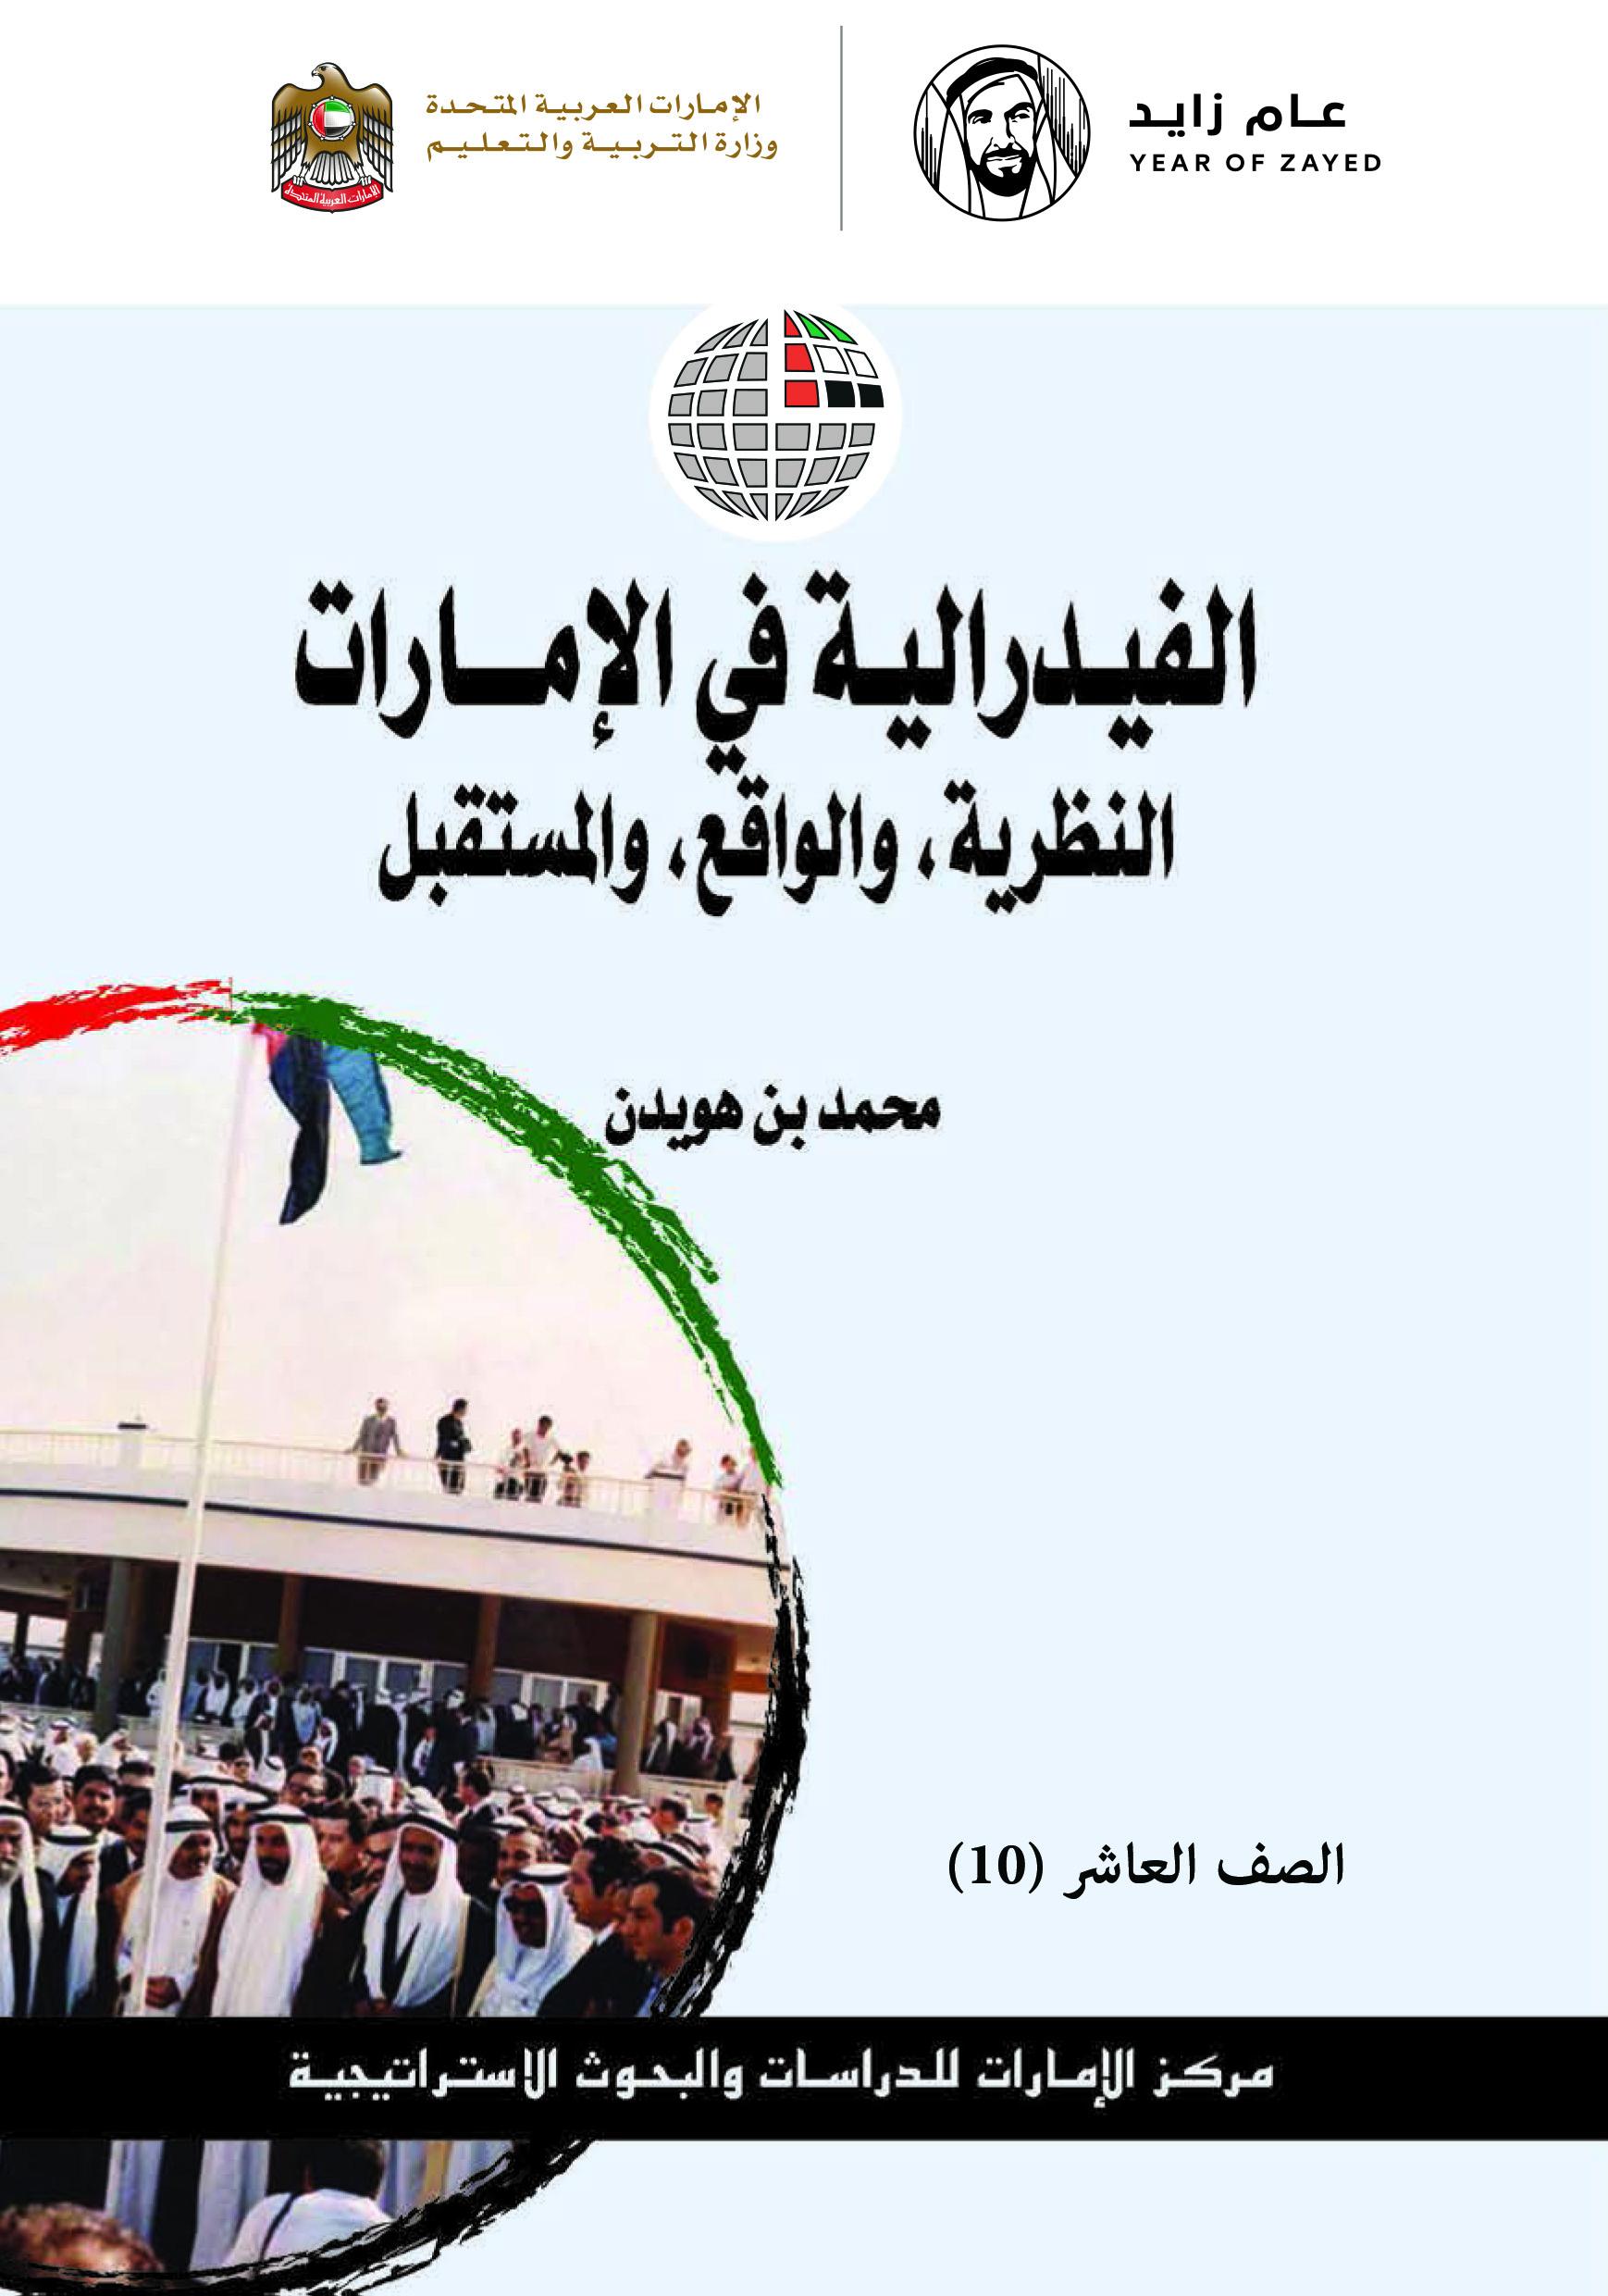 الدراسات الاجتماعية و التربية الوطنية كتاب العام الفيدرالية